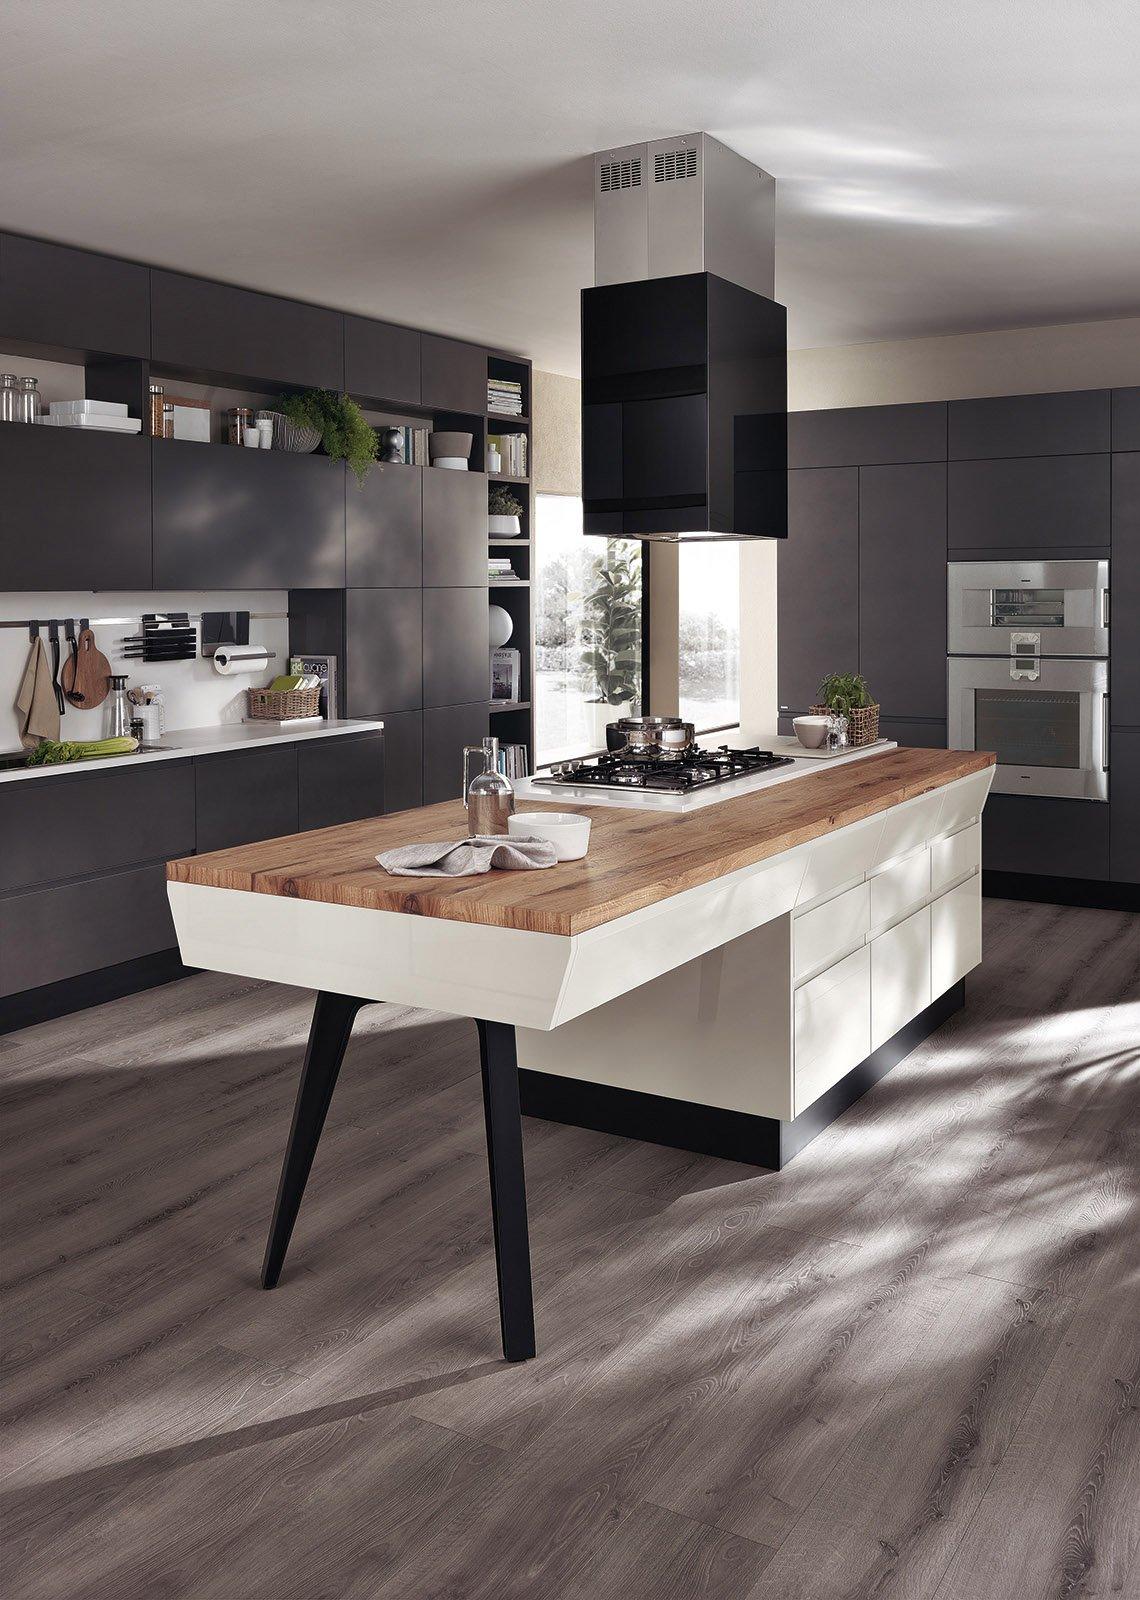 La cucina con il tavolo da architetto cose di casa for Piani di architettura domestica moderna